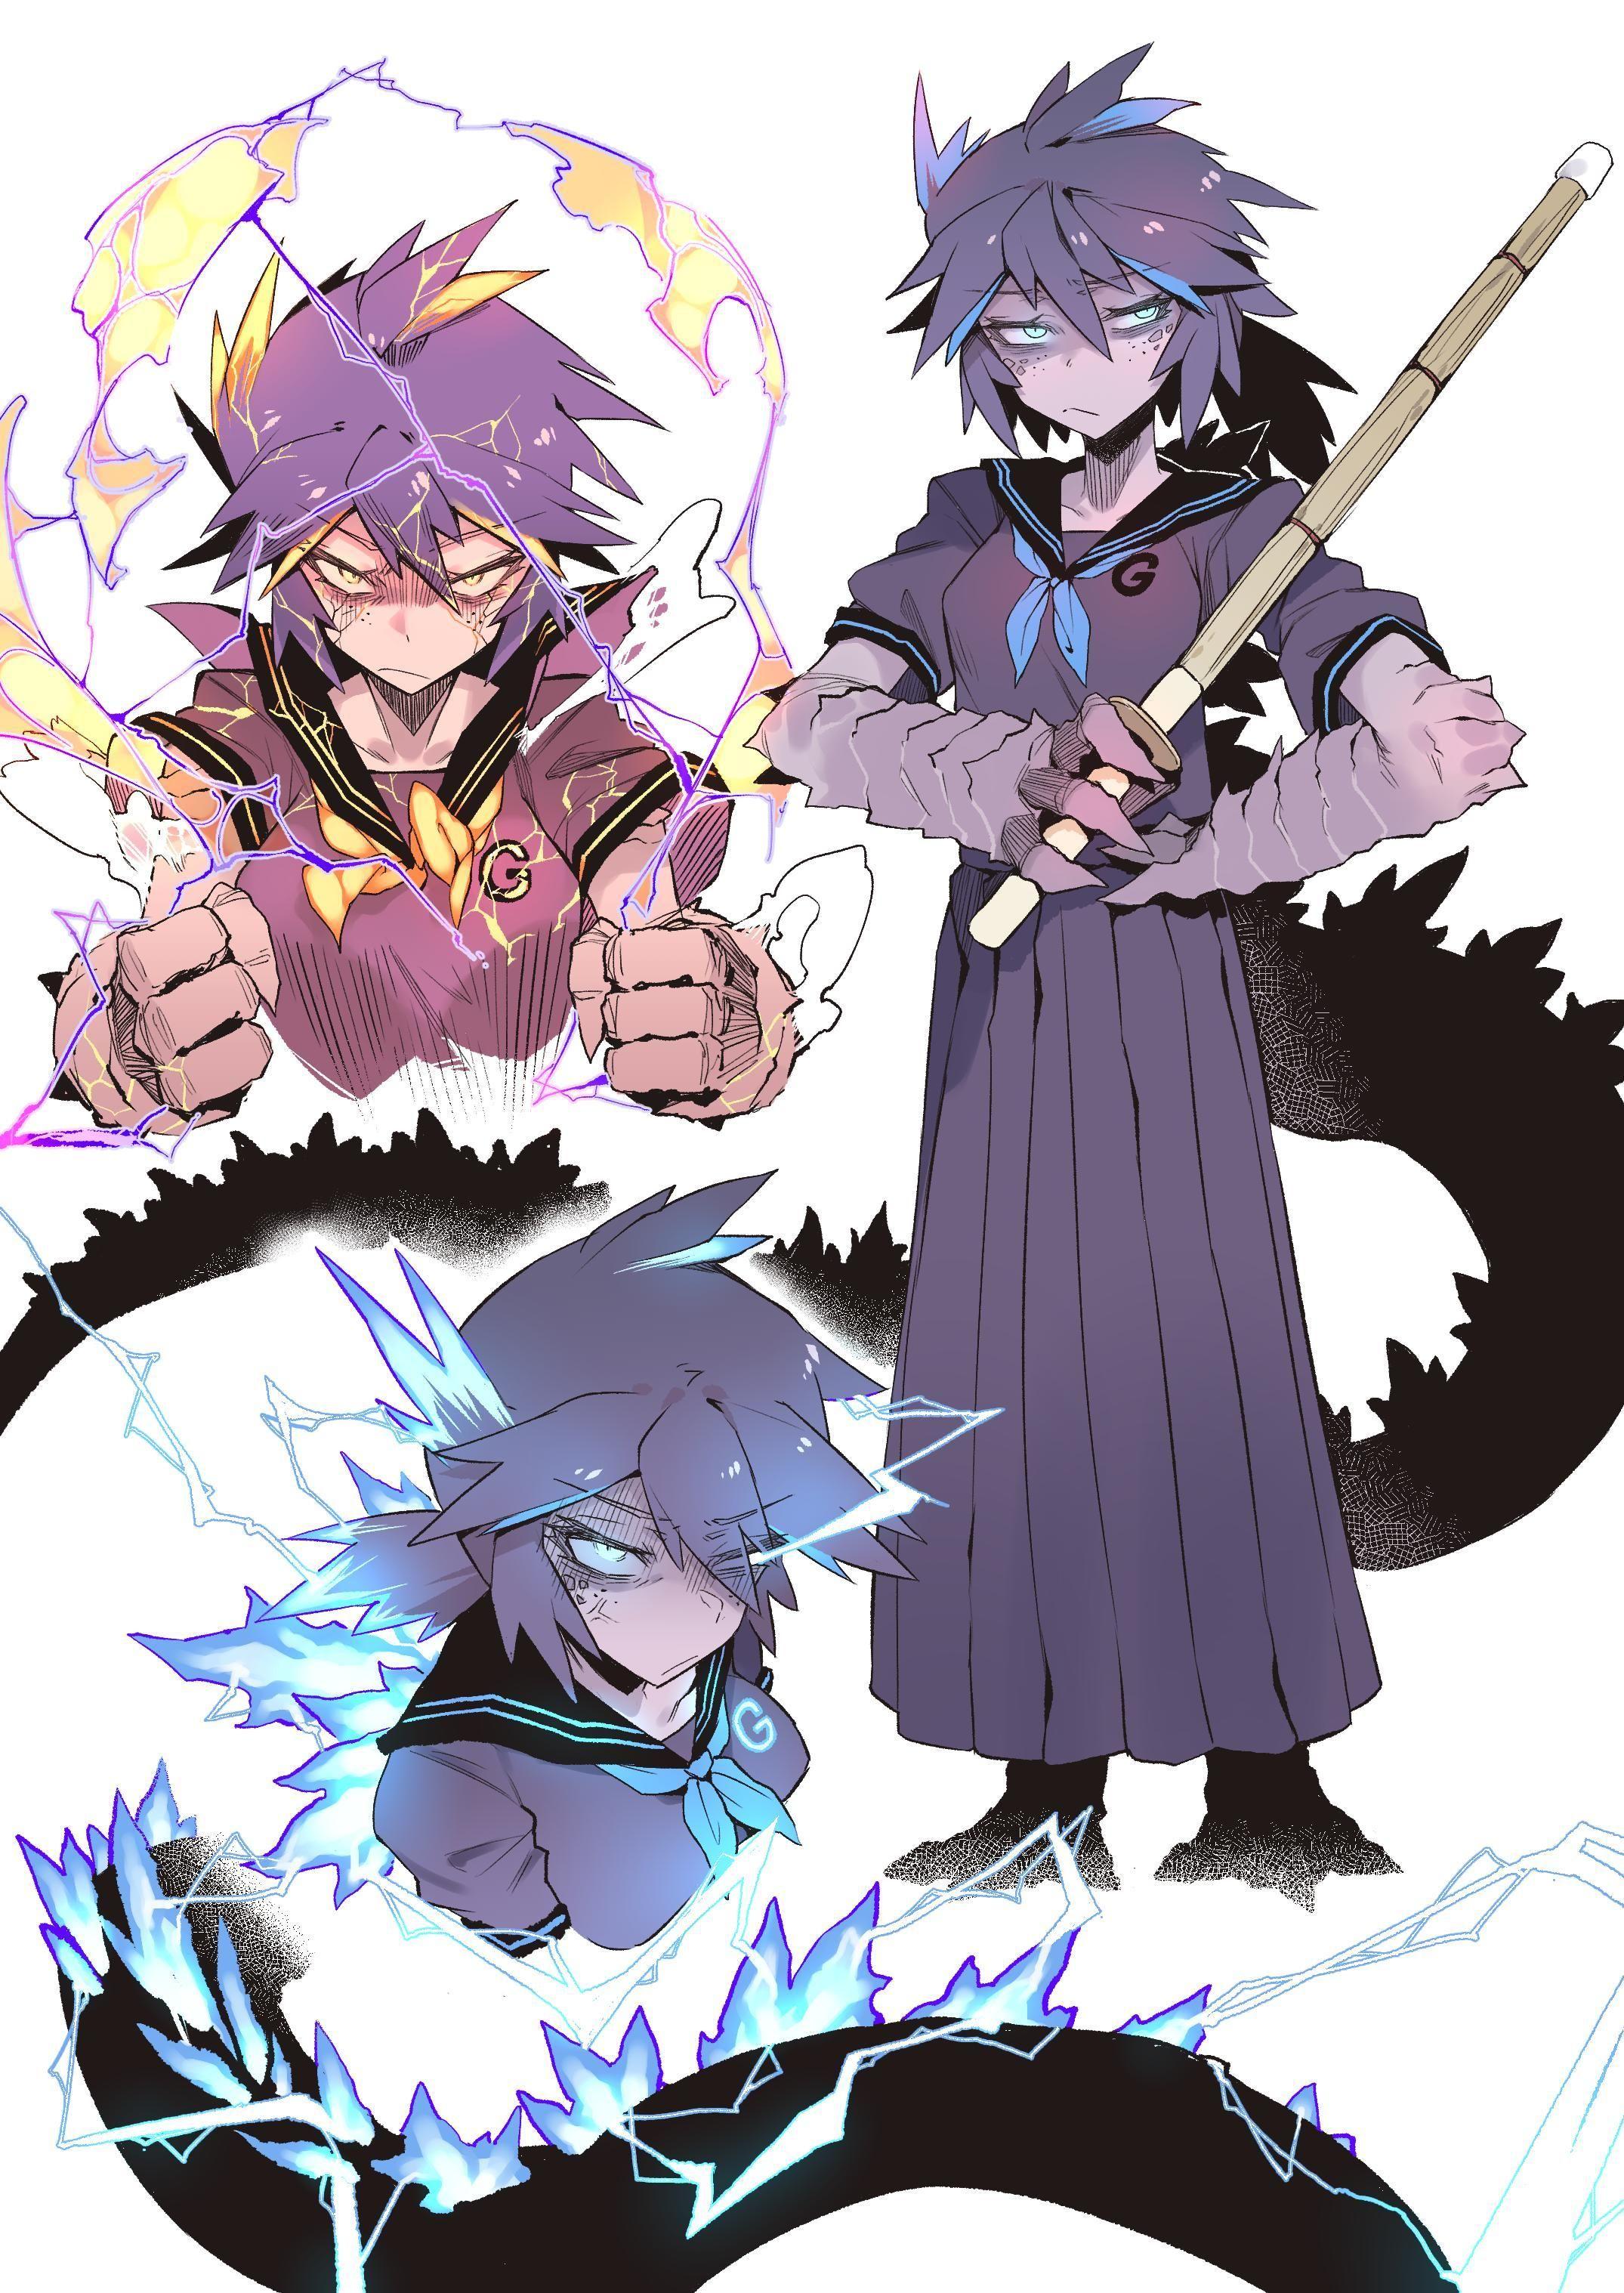 Monster girl godzilla anime monsters character art